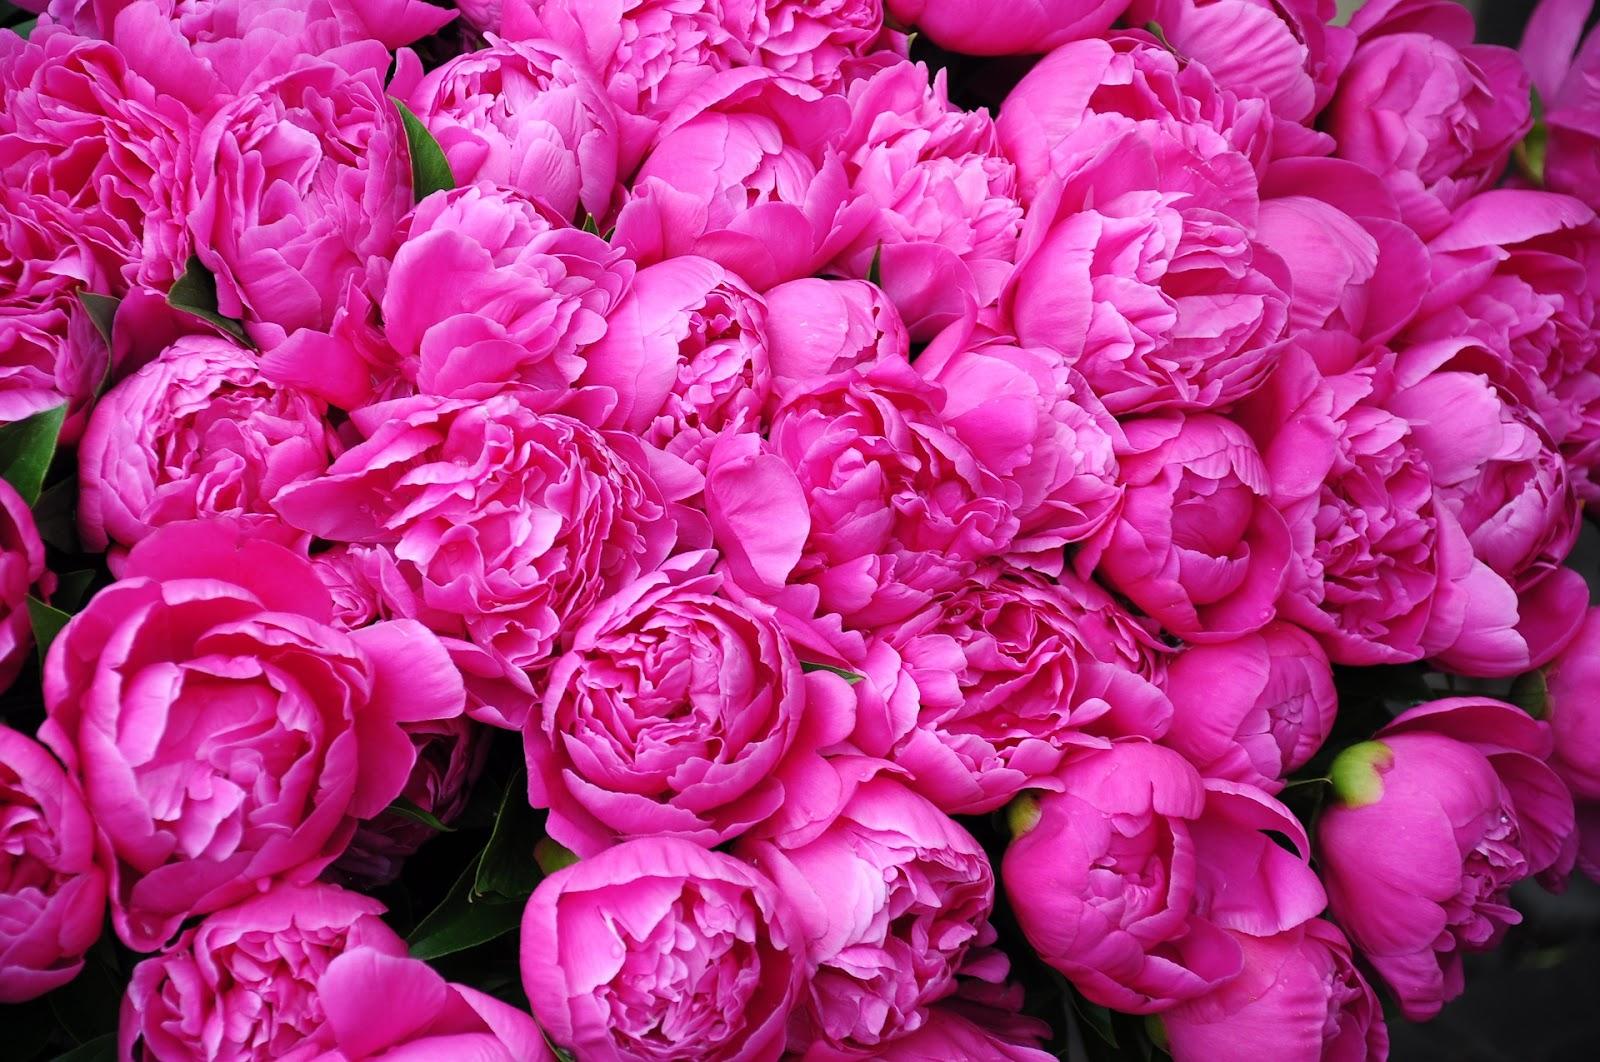 פרחים וורודים